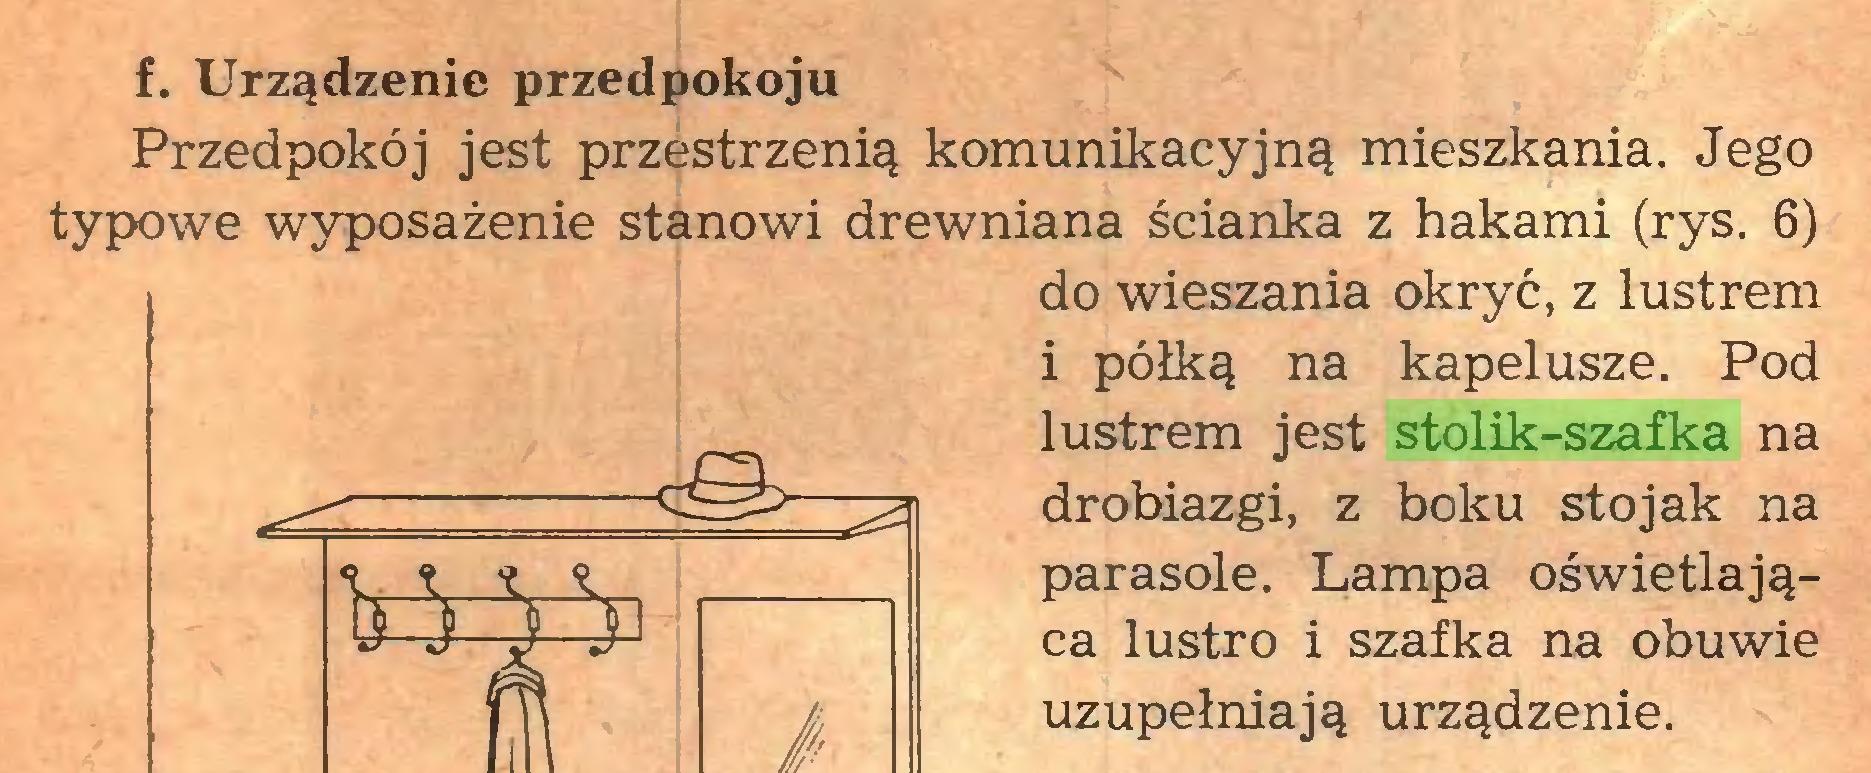 (...) f. Urządzenie przedpokoju Przedpokój jest przestrzenią komunikacyjną mieszkania. Jego typowe wyposażenie stanowi drewniana ścianka z hakami (rys. 6) do wieszania okryć, z lustrem i półką na kapelusze. Pod lustrem jest stolik-szafka na drobiazgi, z boku stojak na parasole. Lampa oświetlająca lustro i szafka na obuwie uzupełniają urządzenie...